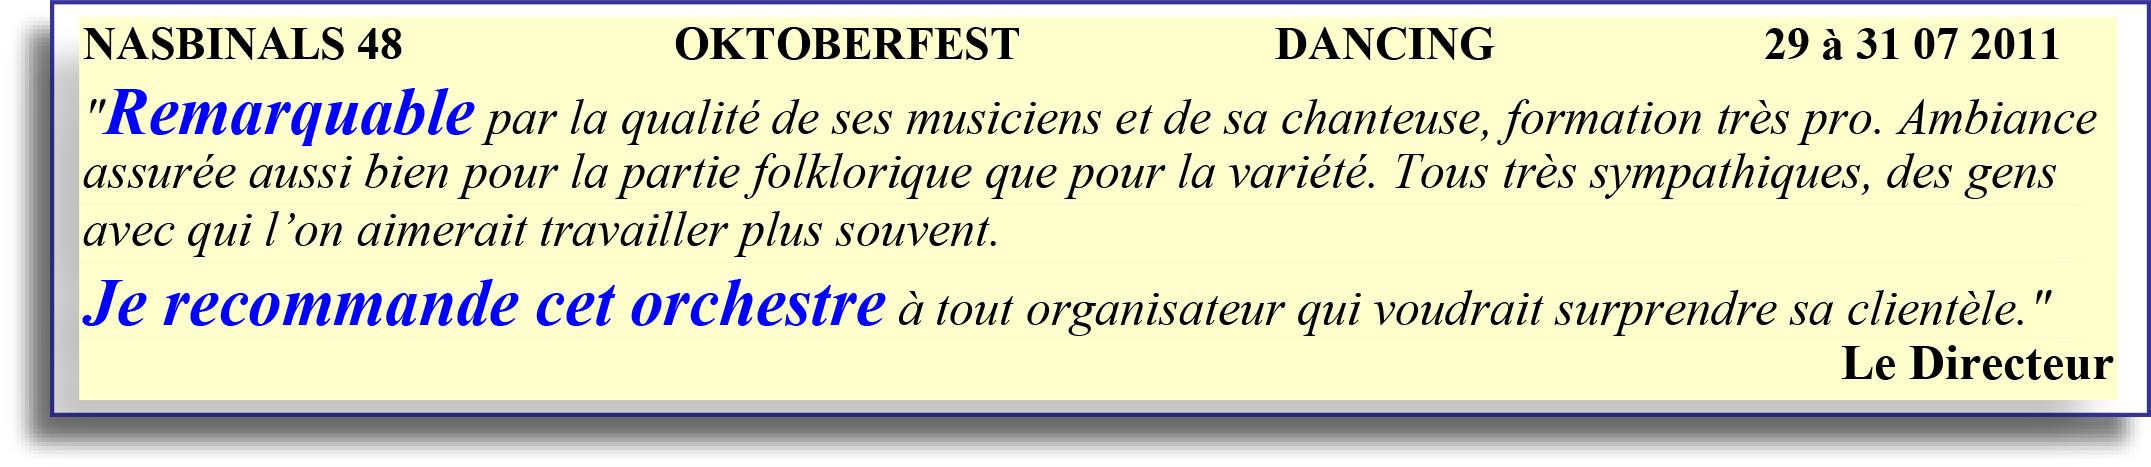 NASBINALS 48 ORCHESTRE BAVAROIS ET DE VARIÉTÉ 29-31 07 2011